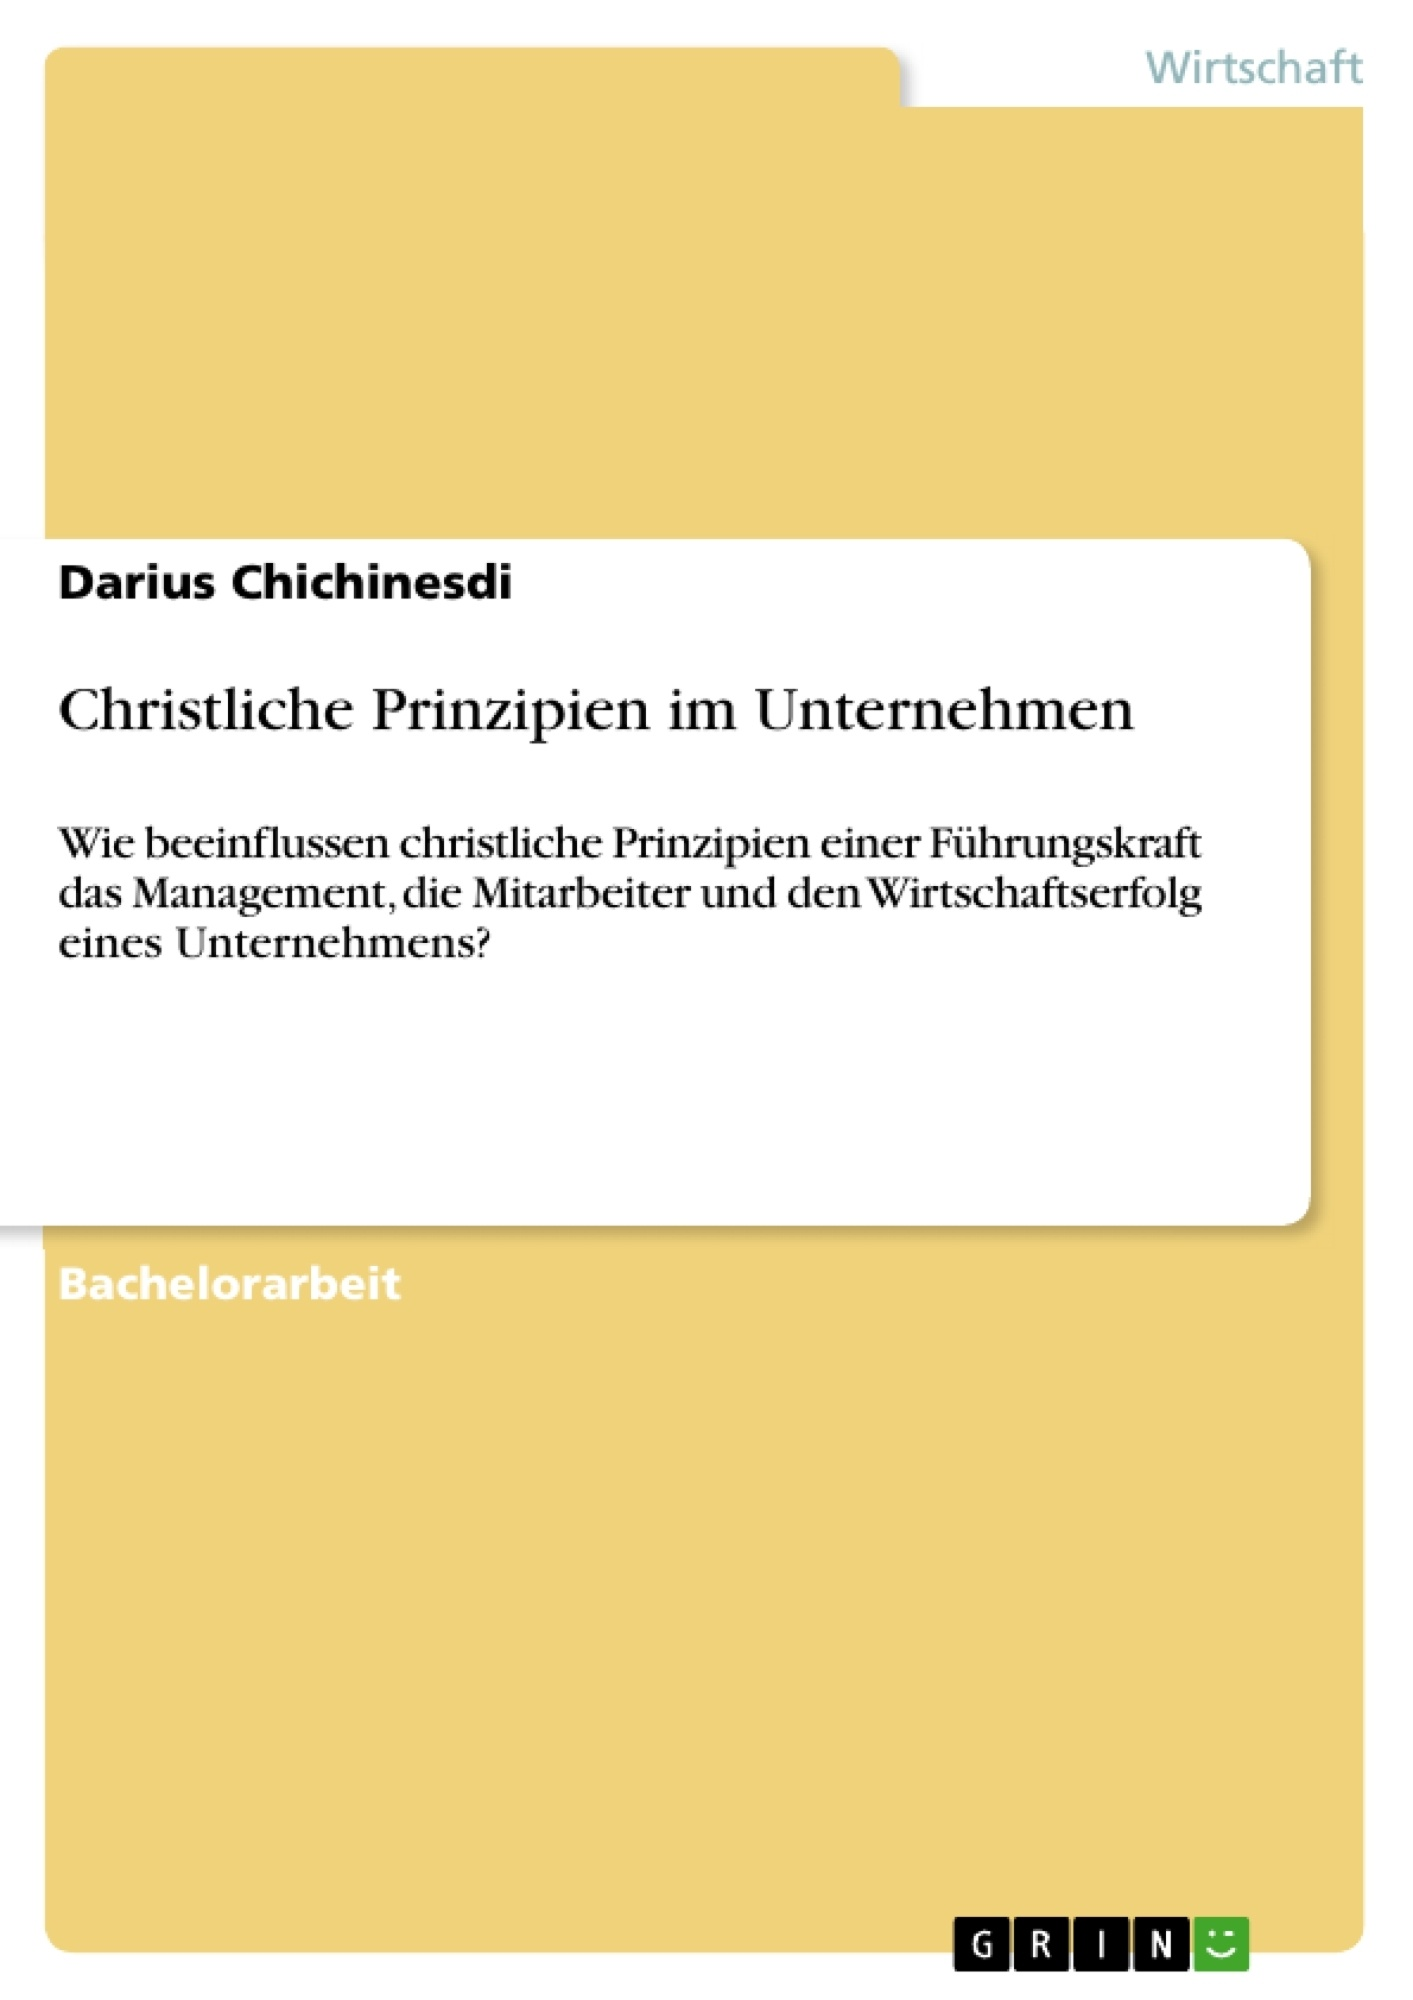 Titel: Christliche Prinzipien im Unternehmen